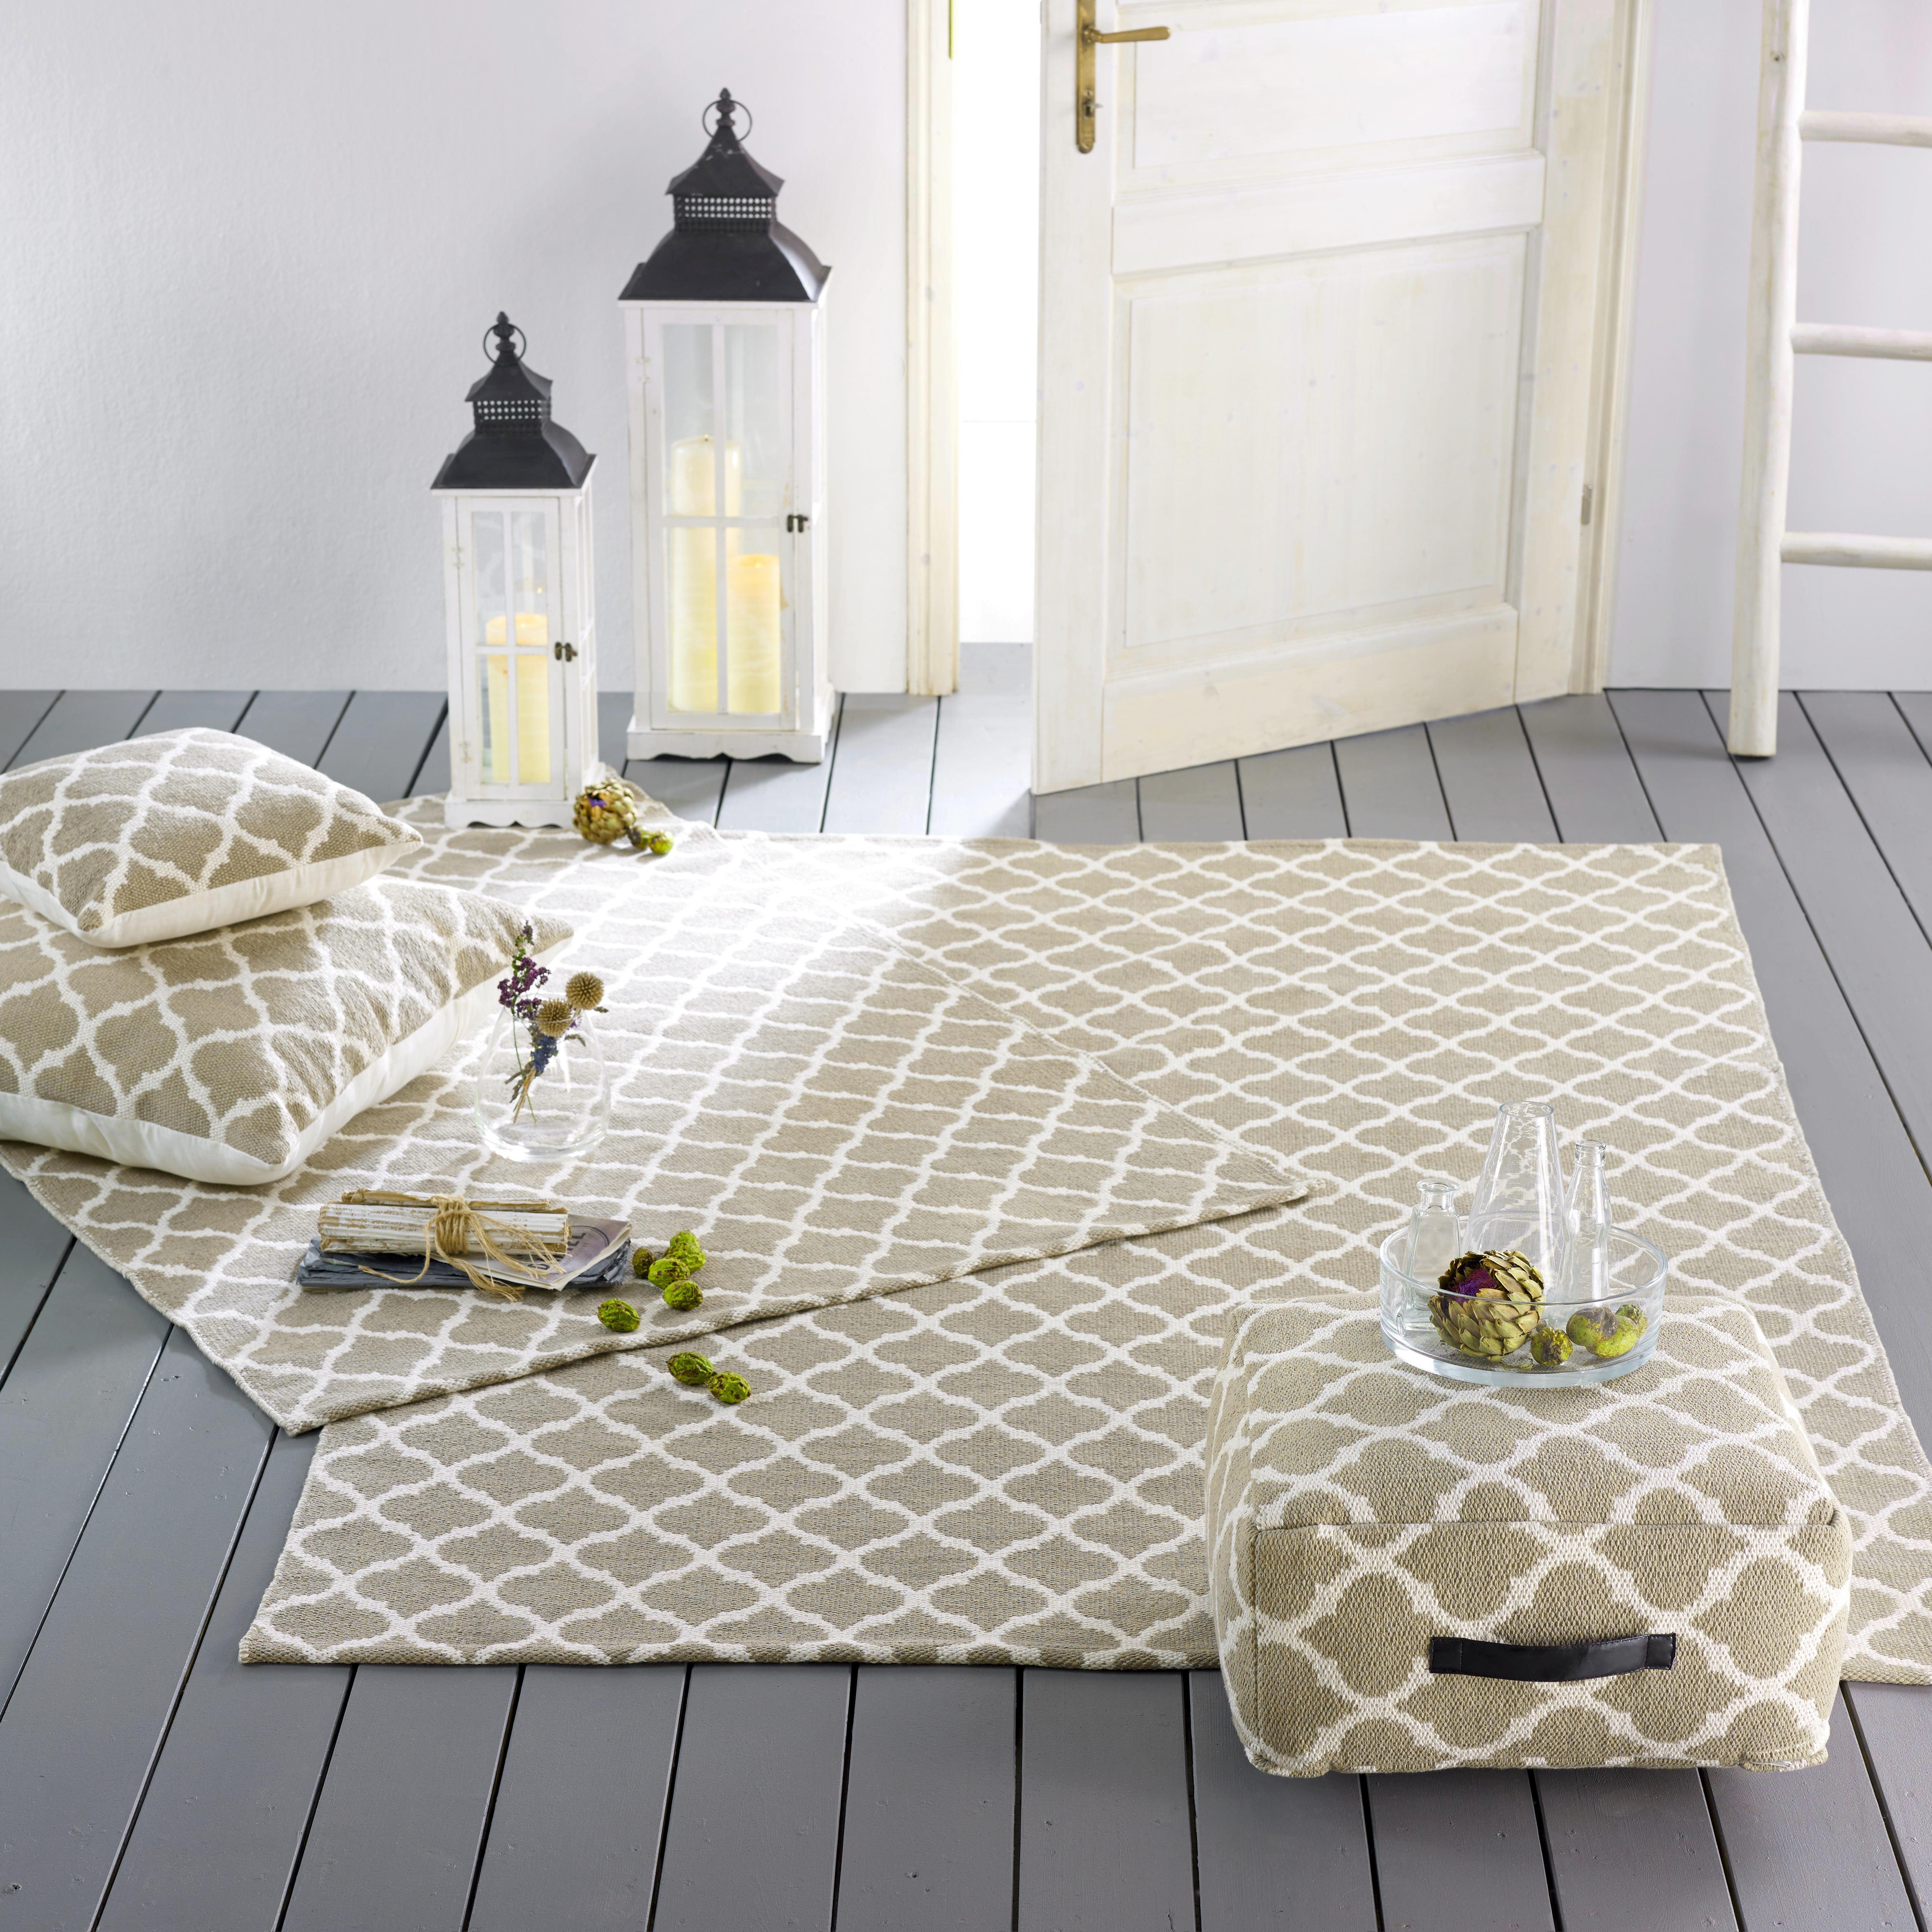 Zierkissen Ornament 70x70cm - Beige, KONVENTIONELL, Textil (70/70cm) - MÖMAX modern living